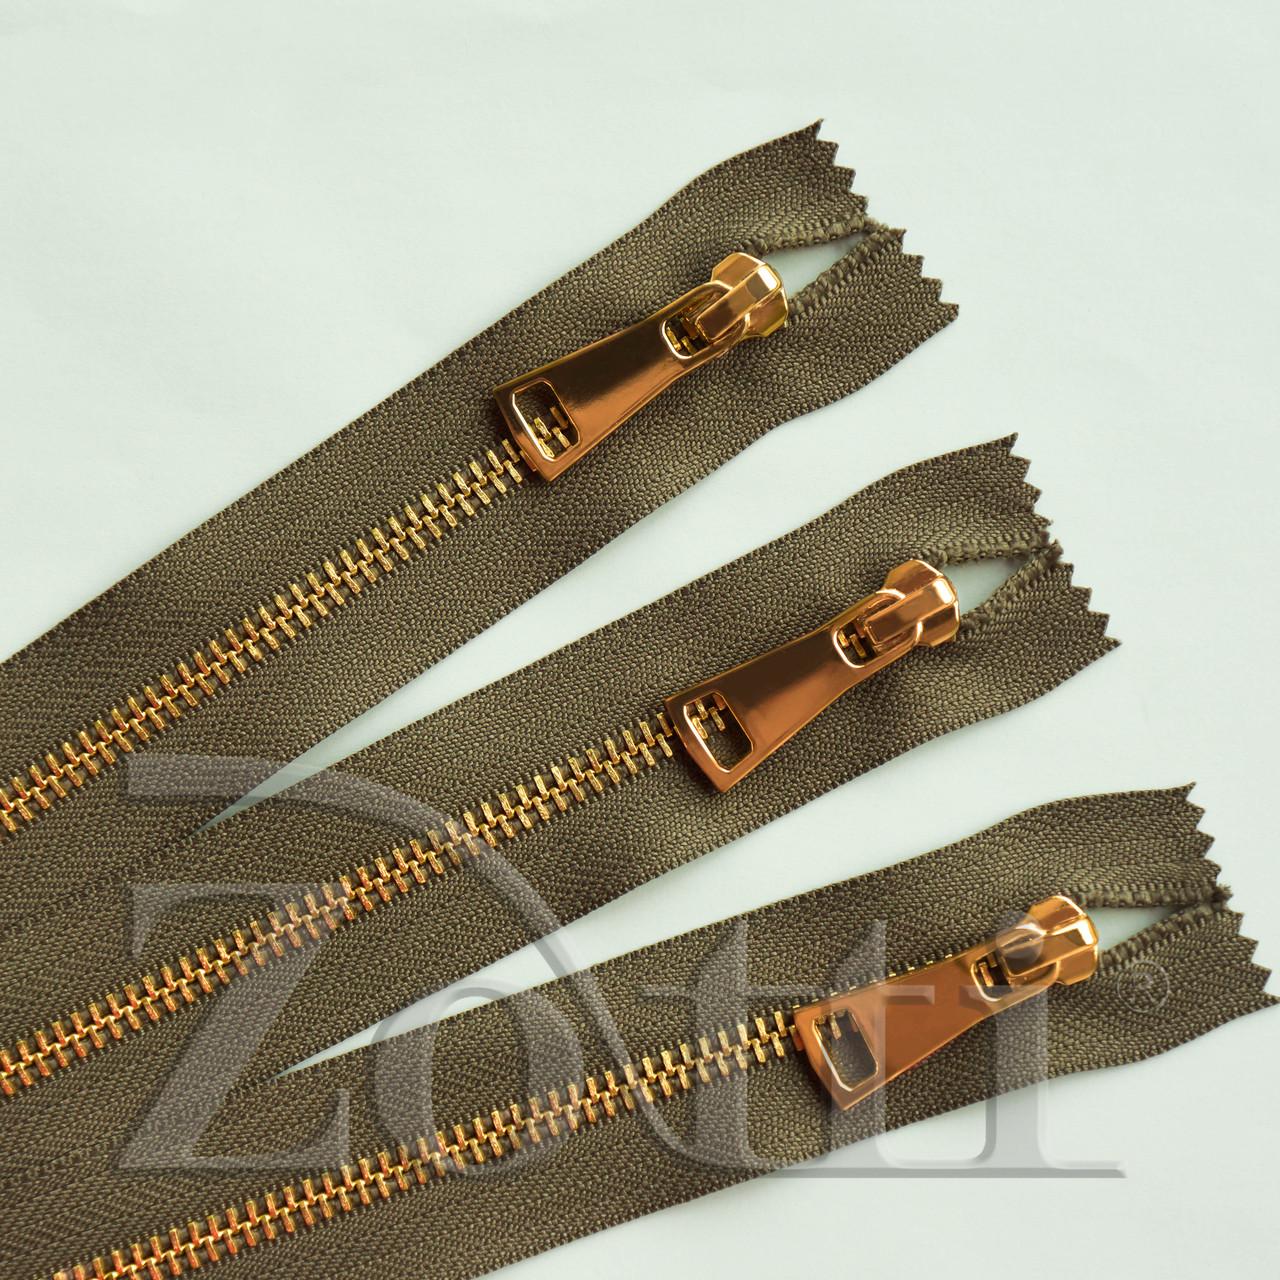 Молния (змейка,застежка) металлическая №5, размерная, обувная, хаки, с золотым бегунком № 115 - 35 см